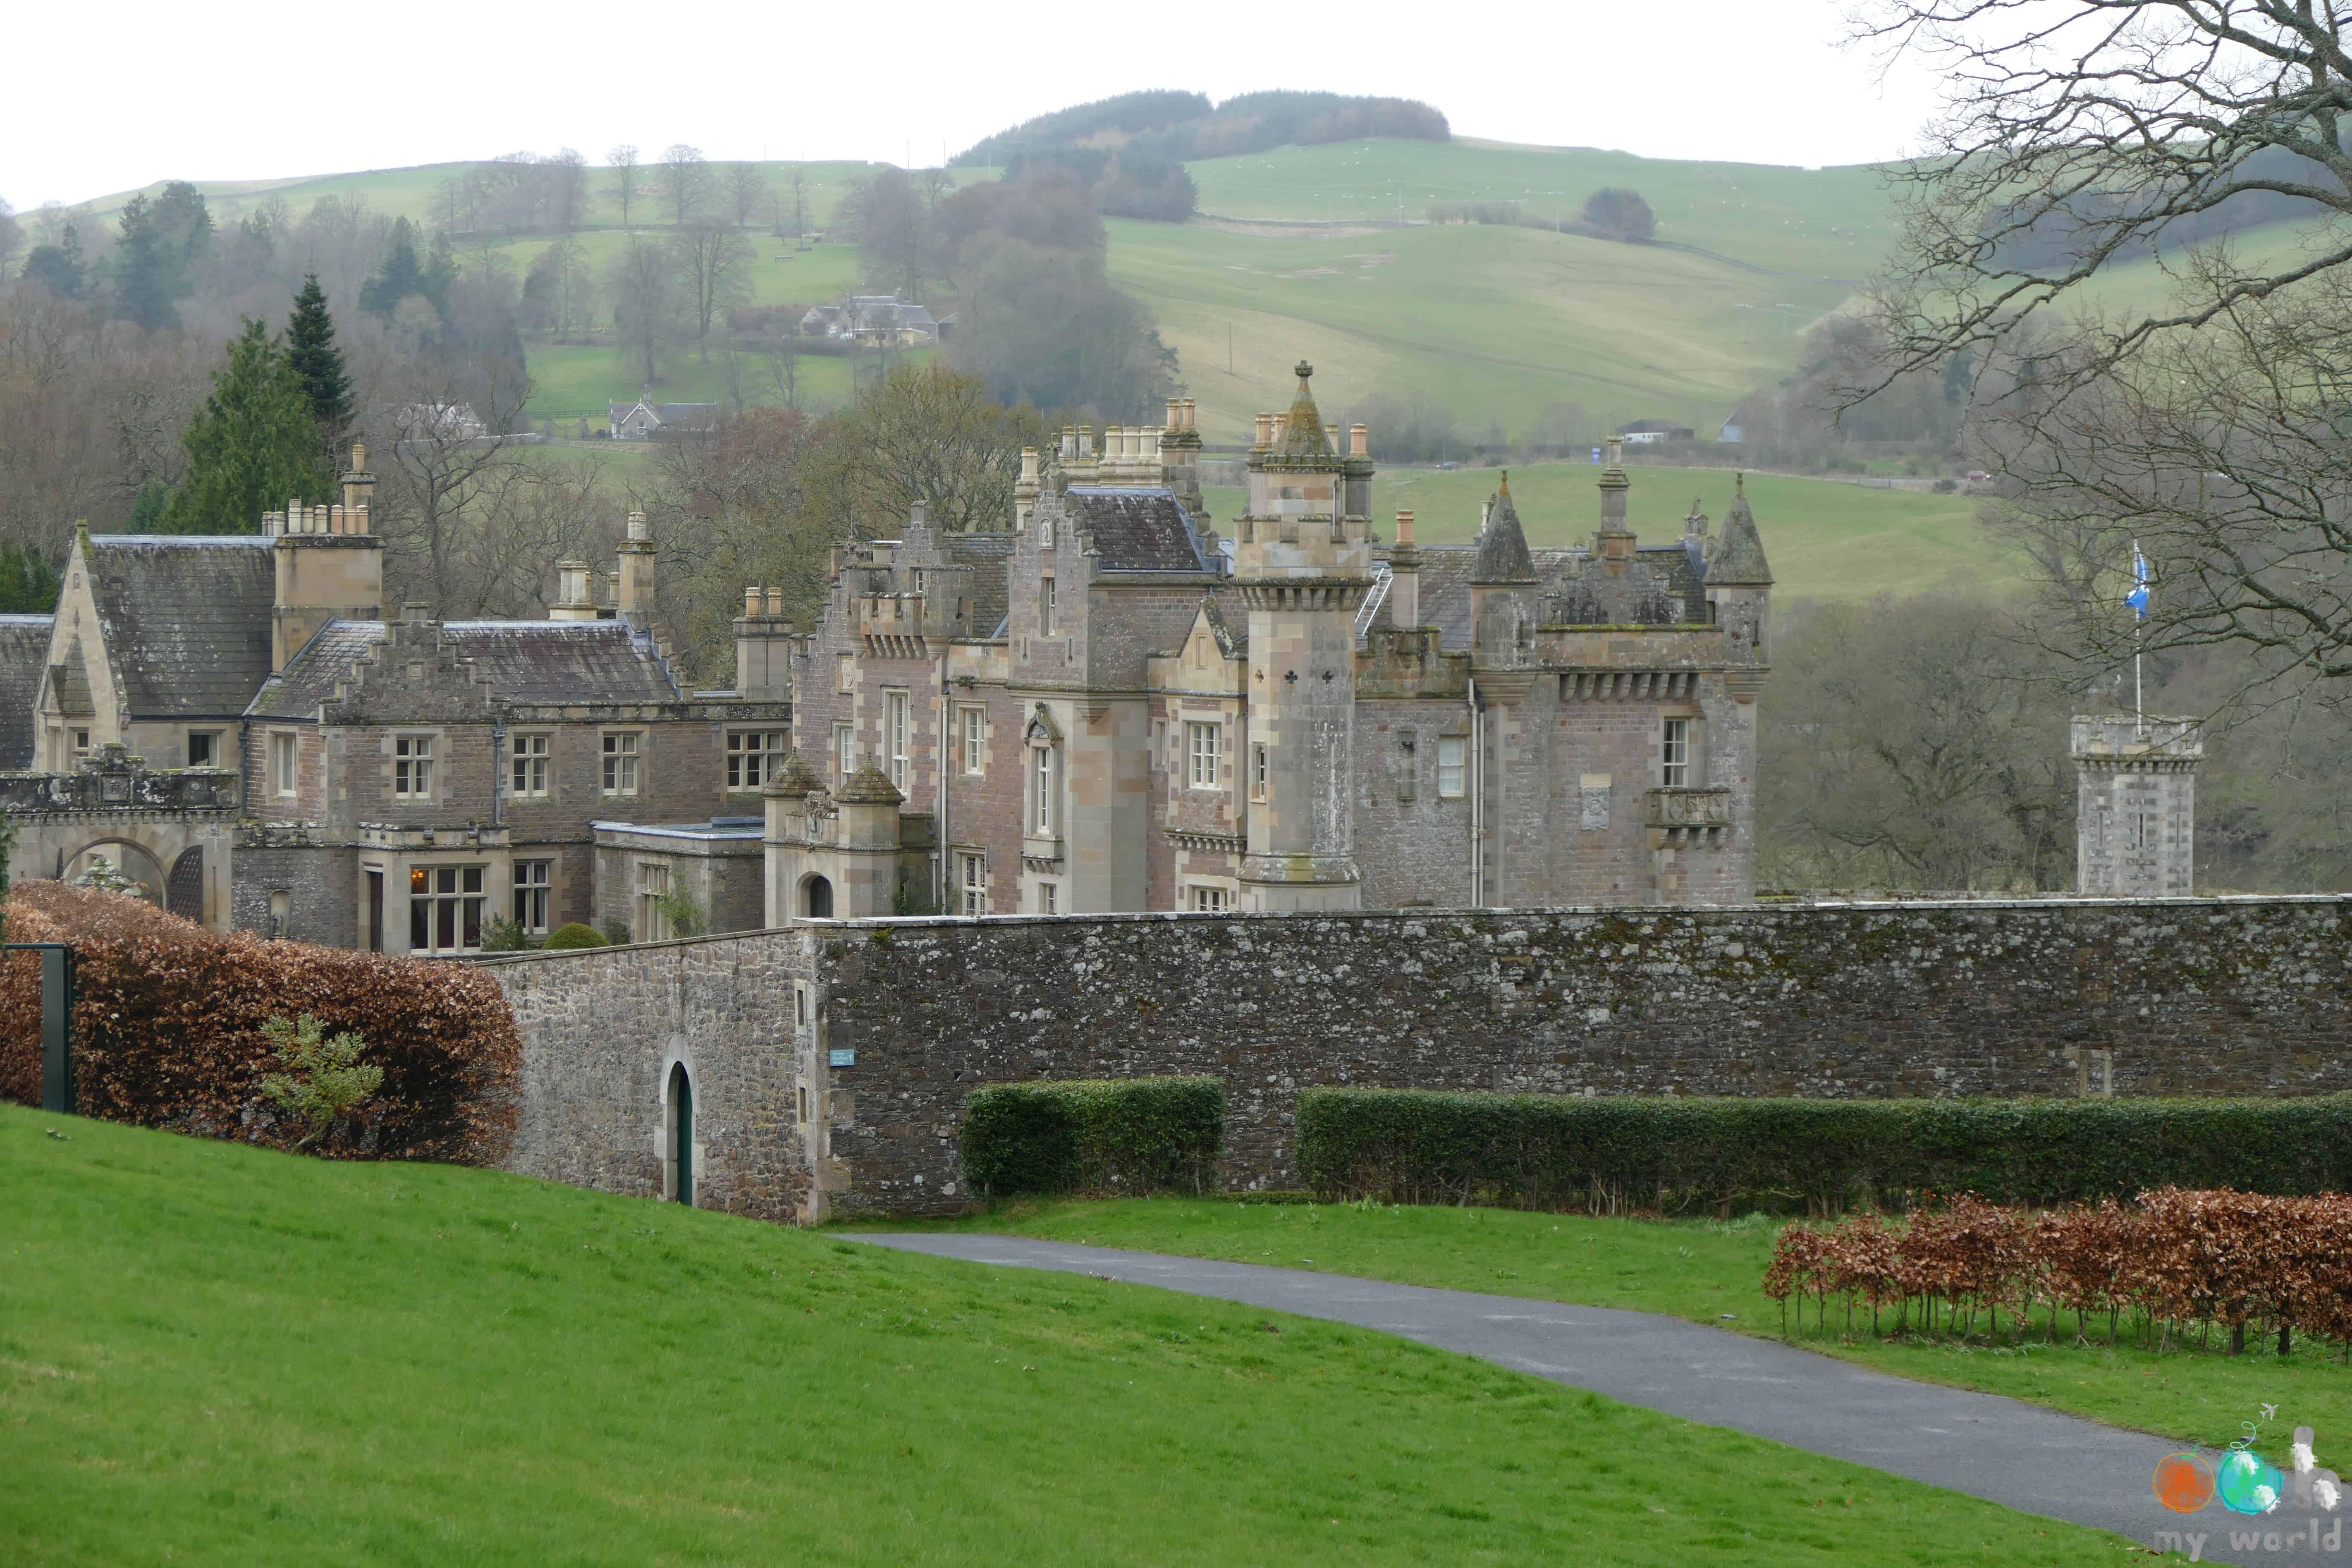 Le château écossais de l'écrivain Walter Scott: Abbotsford House